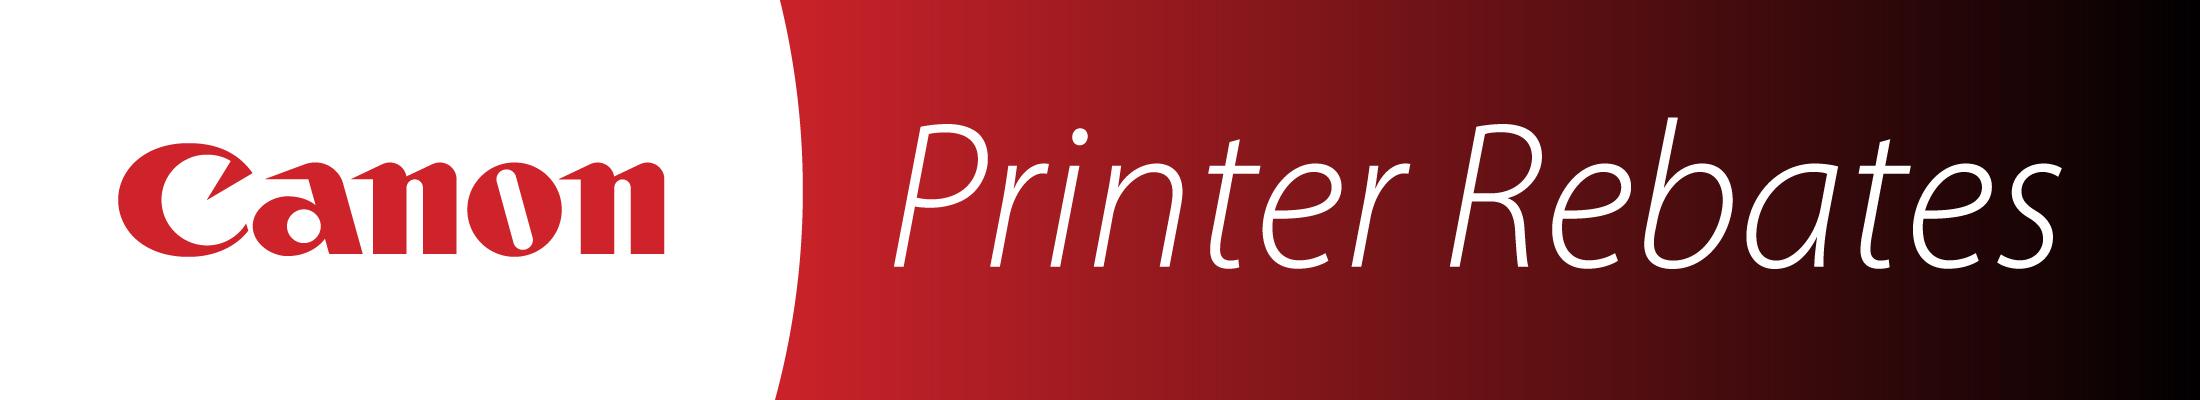 Printer_Rebates 04-07-21_01_Canon_LandingPage_2200x400px